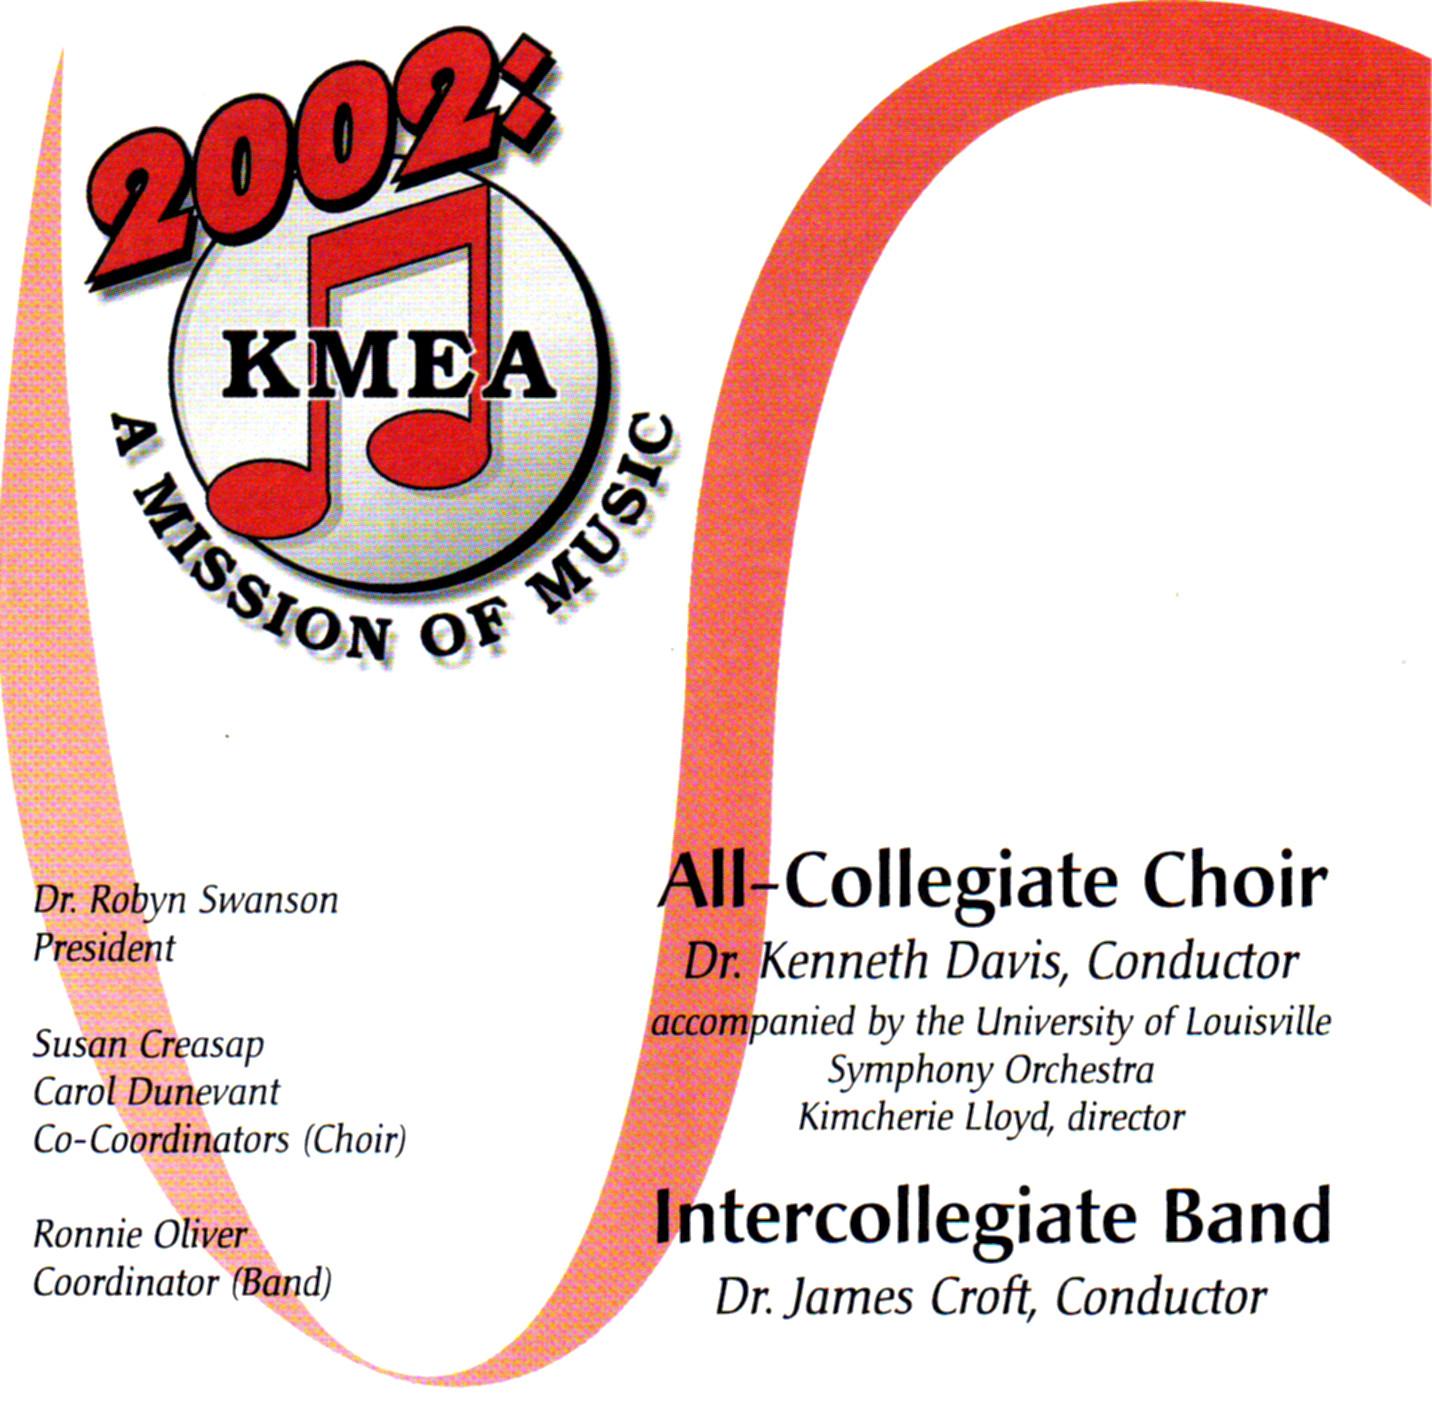 KMEA 2002